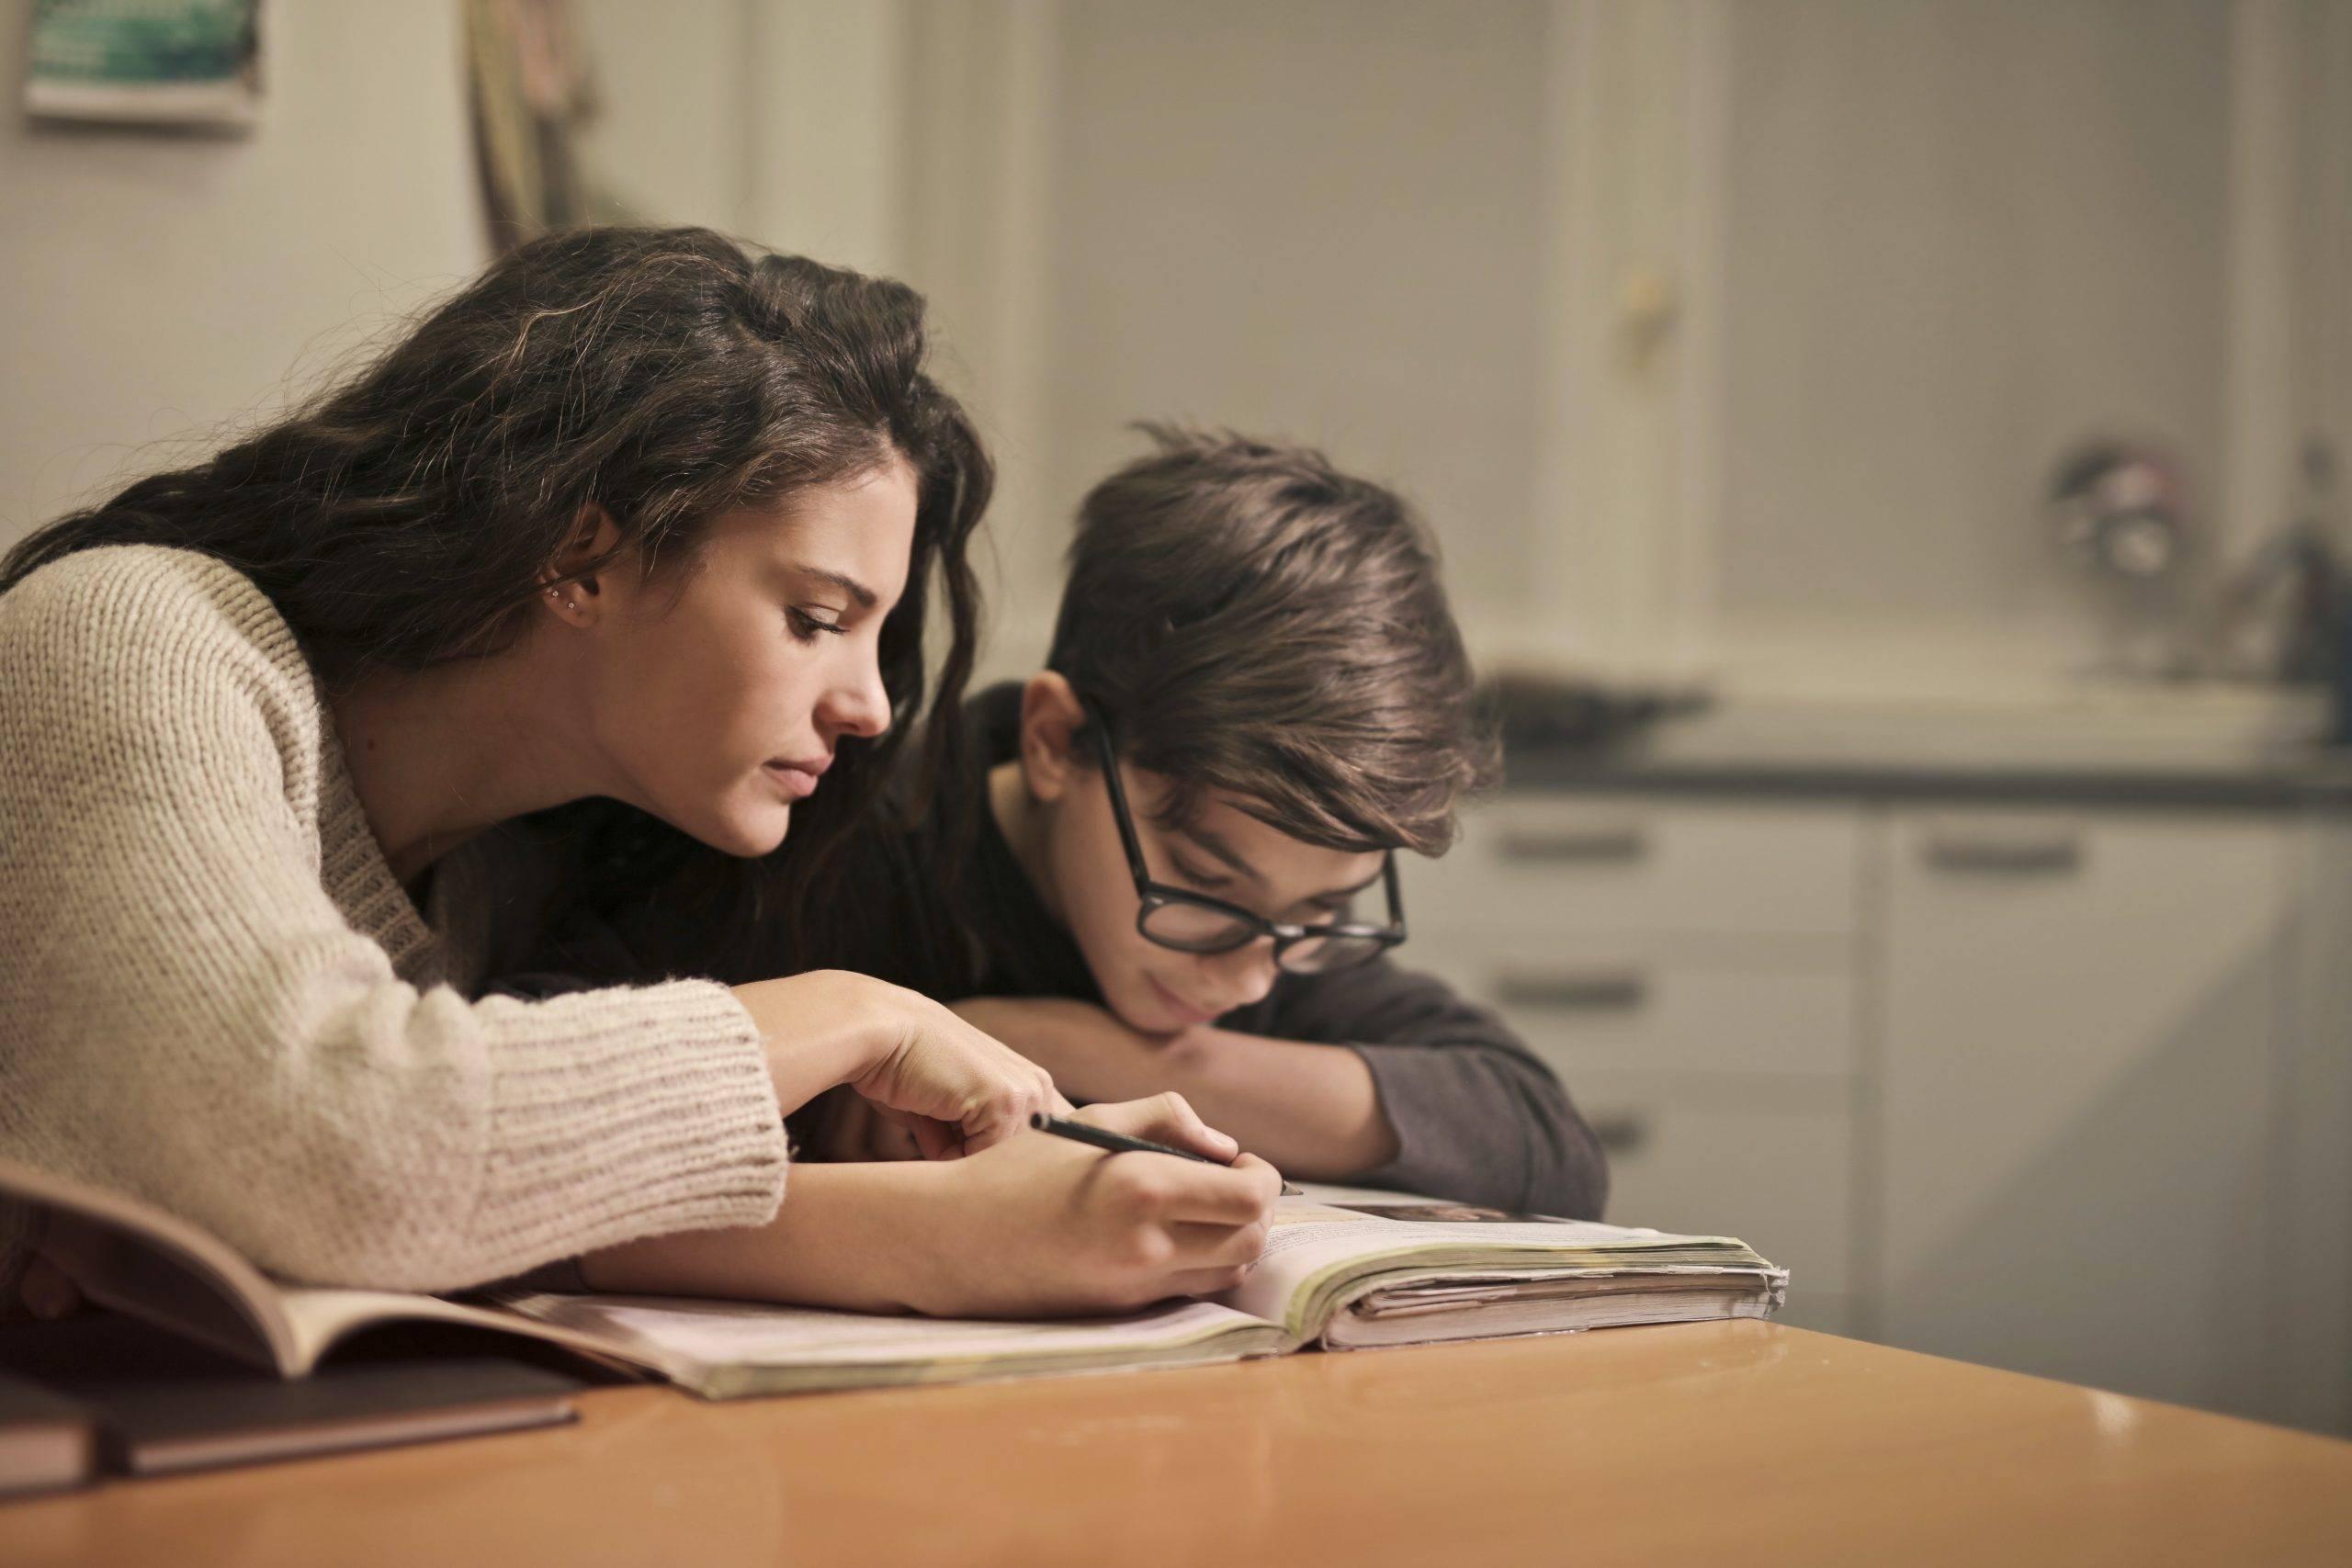 children working on their school work